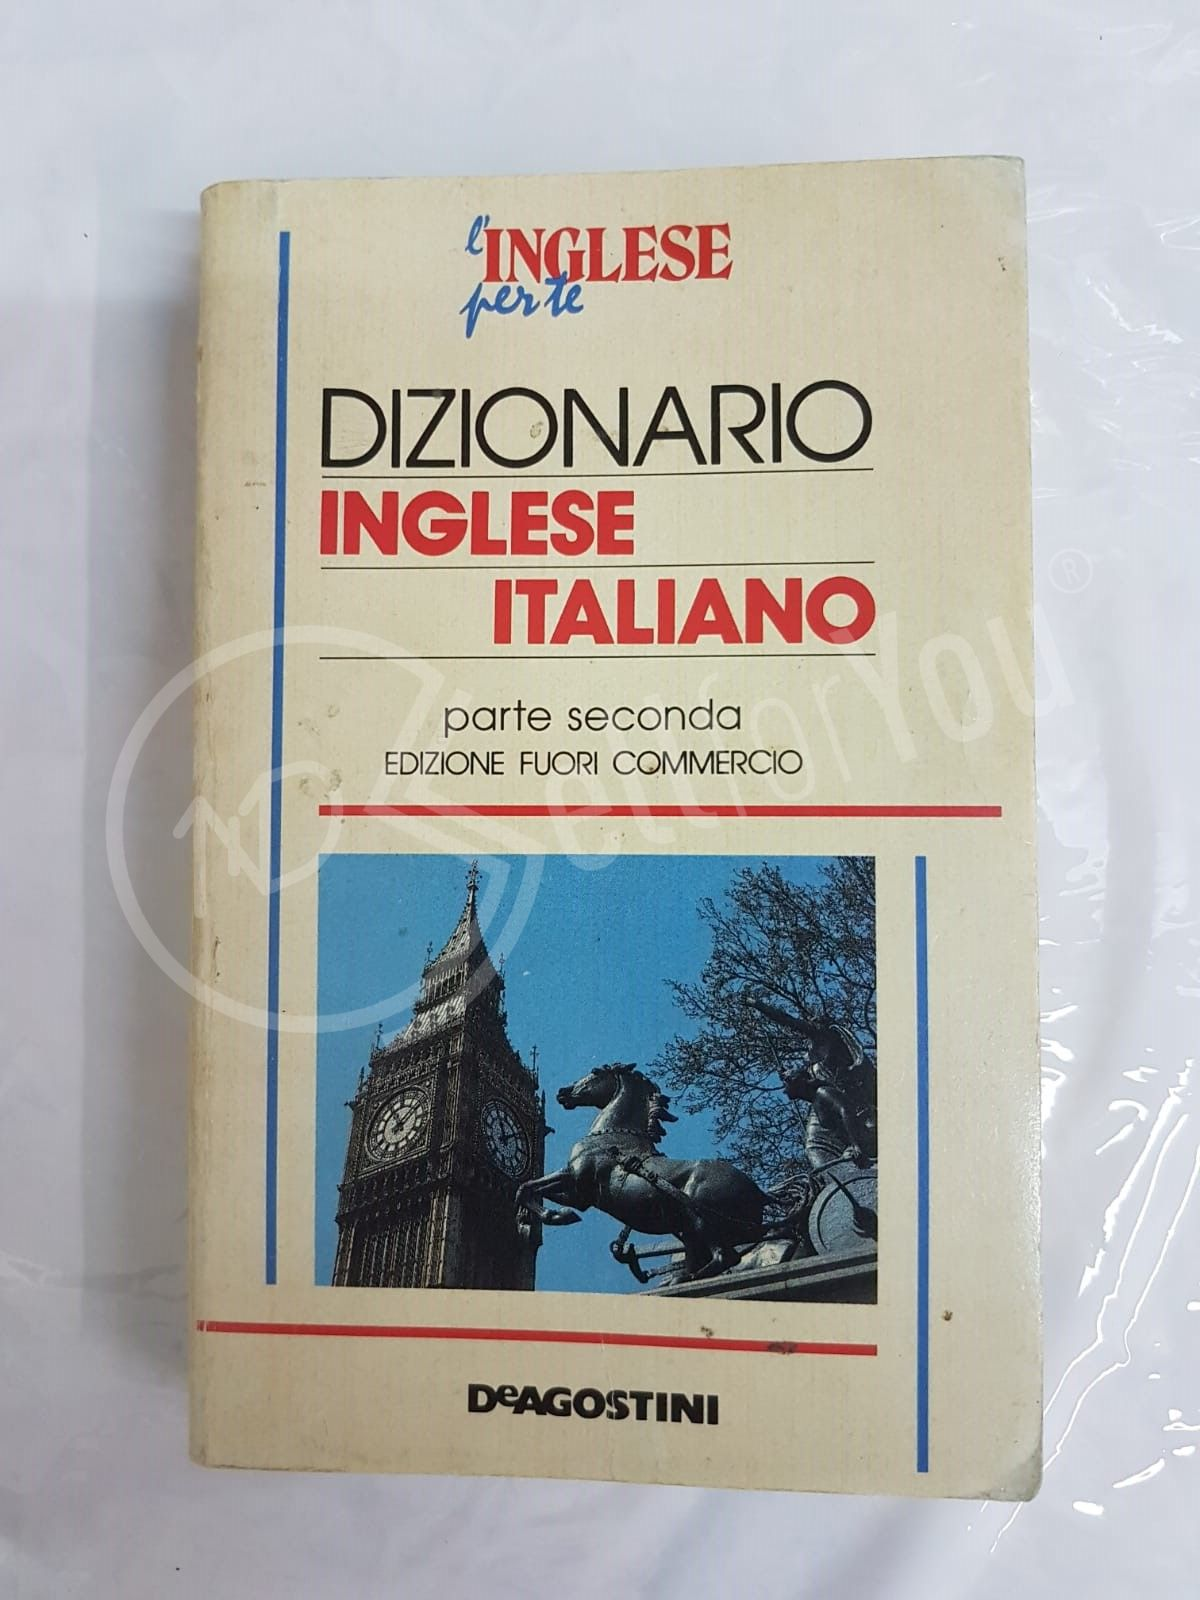 sellforyou immagine default articolo correlato non trovatoDizionario tascabile Inglese-Italiano DeAgostini